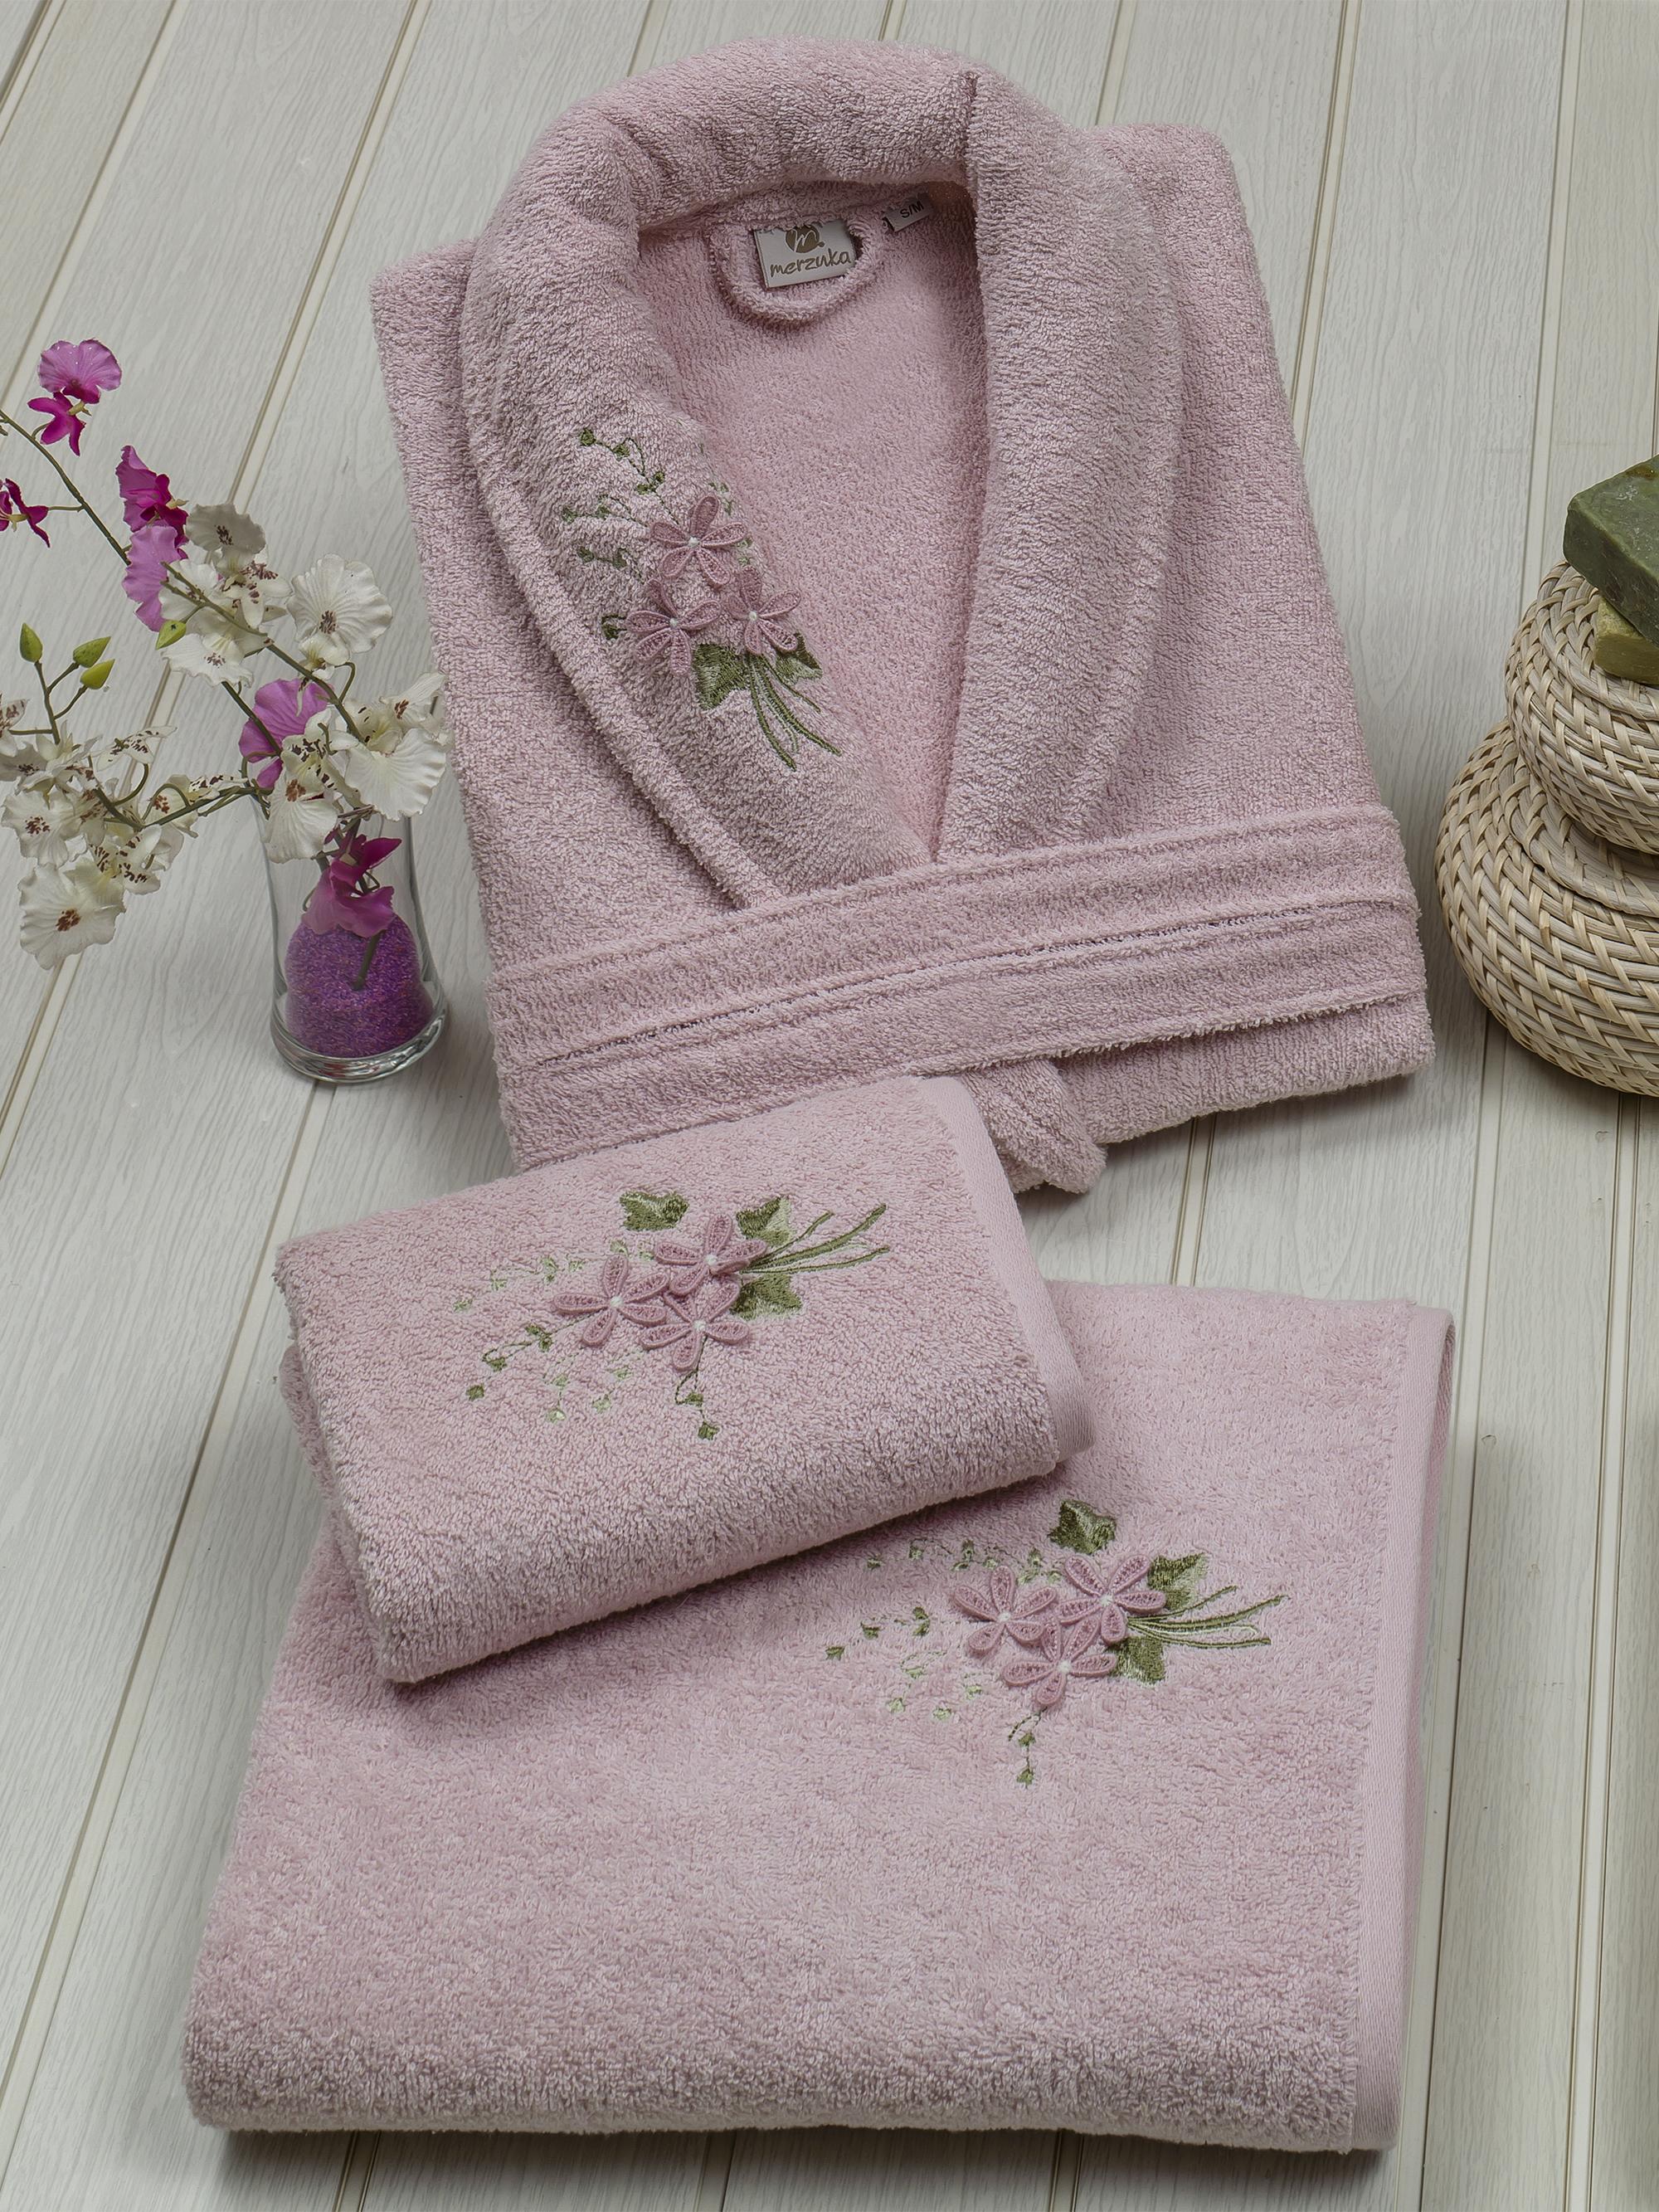 Сауны, бани и оборудование Oran Merzuka Халат Kamelot Цвет: Розовый (S) набор из 3 полотенец merzuka sakura 50х90 2 70х140 8432 оранжевый